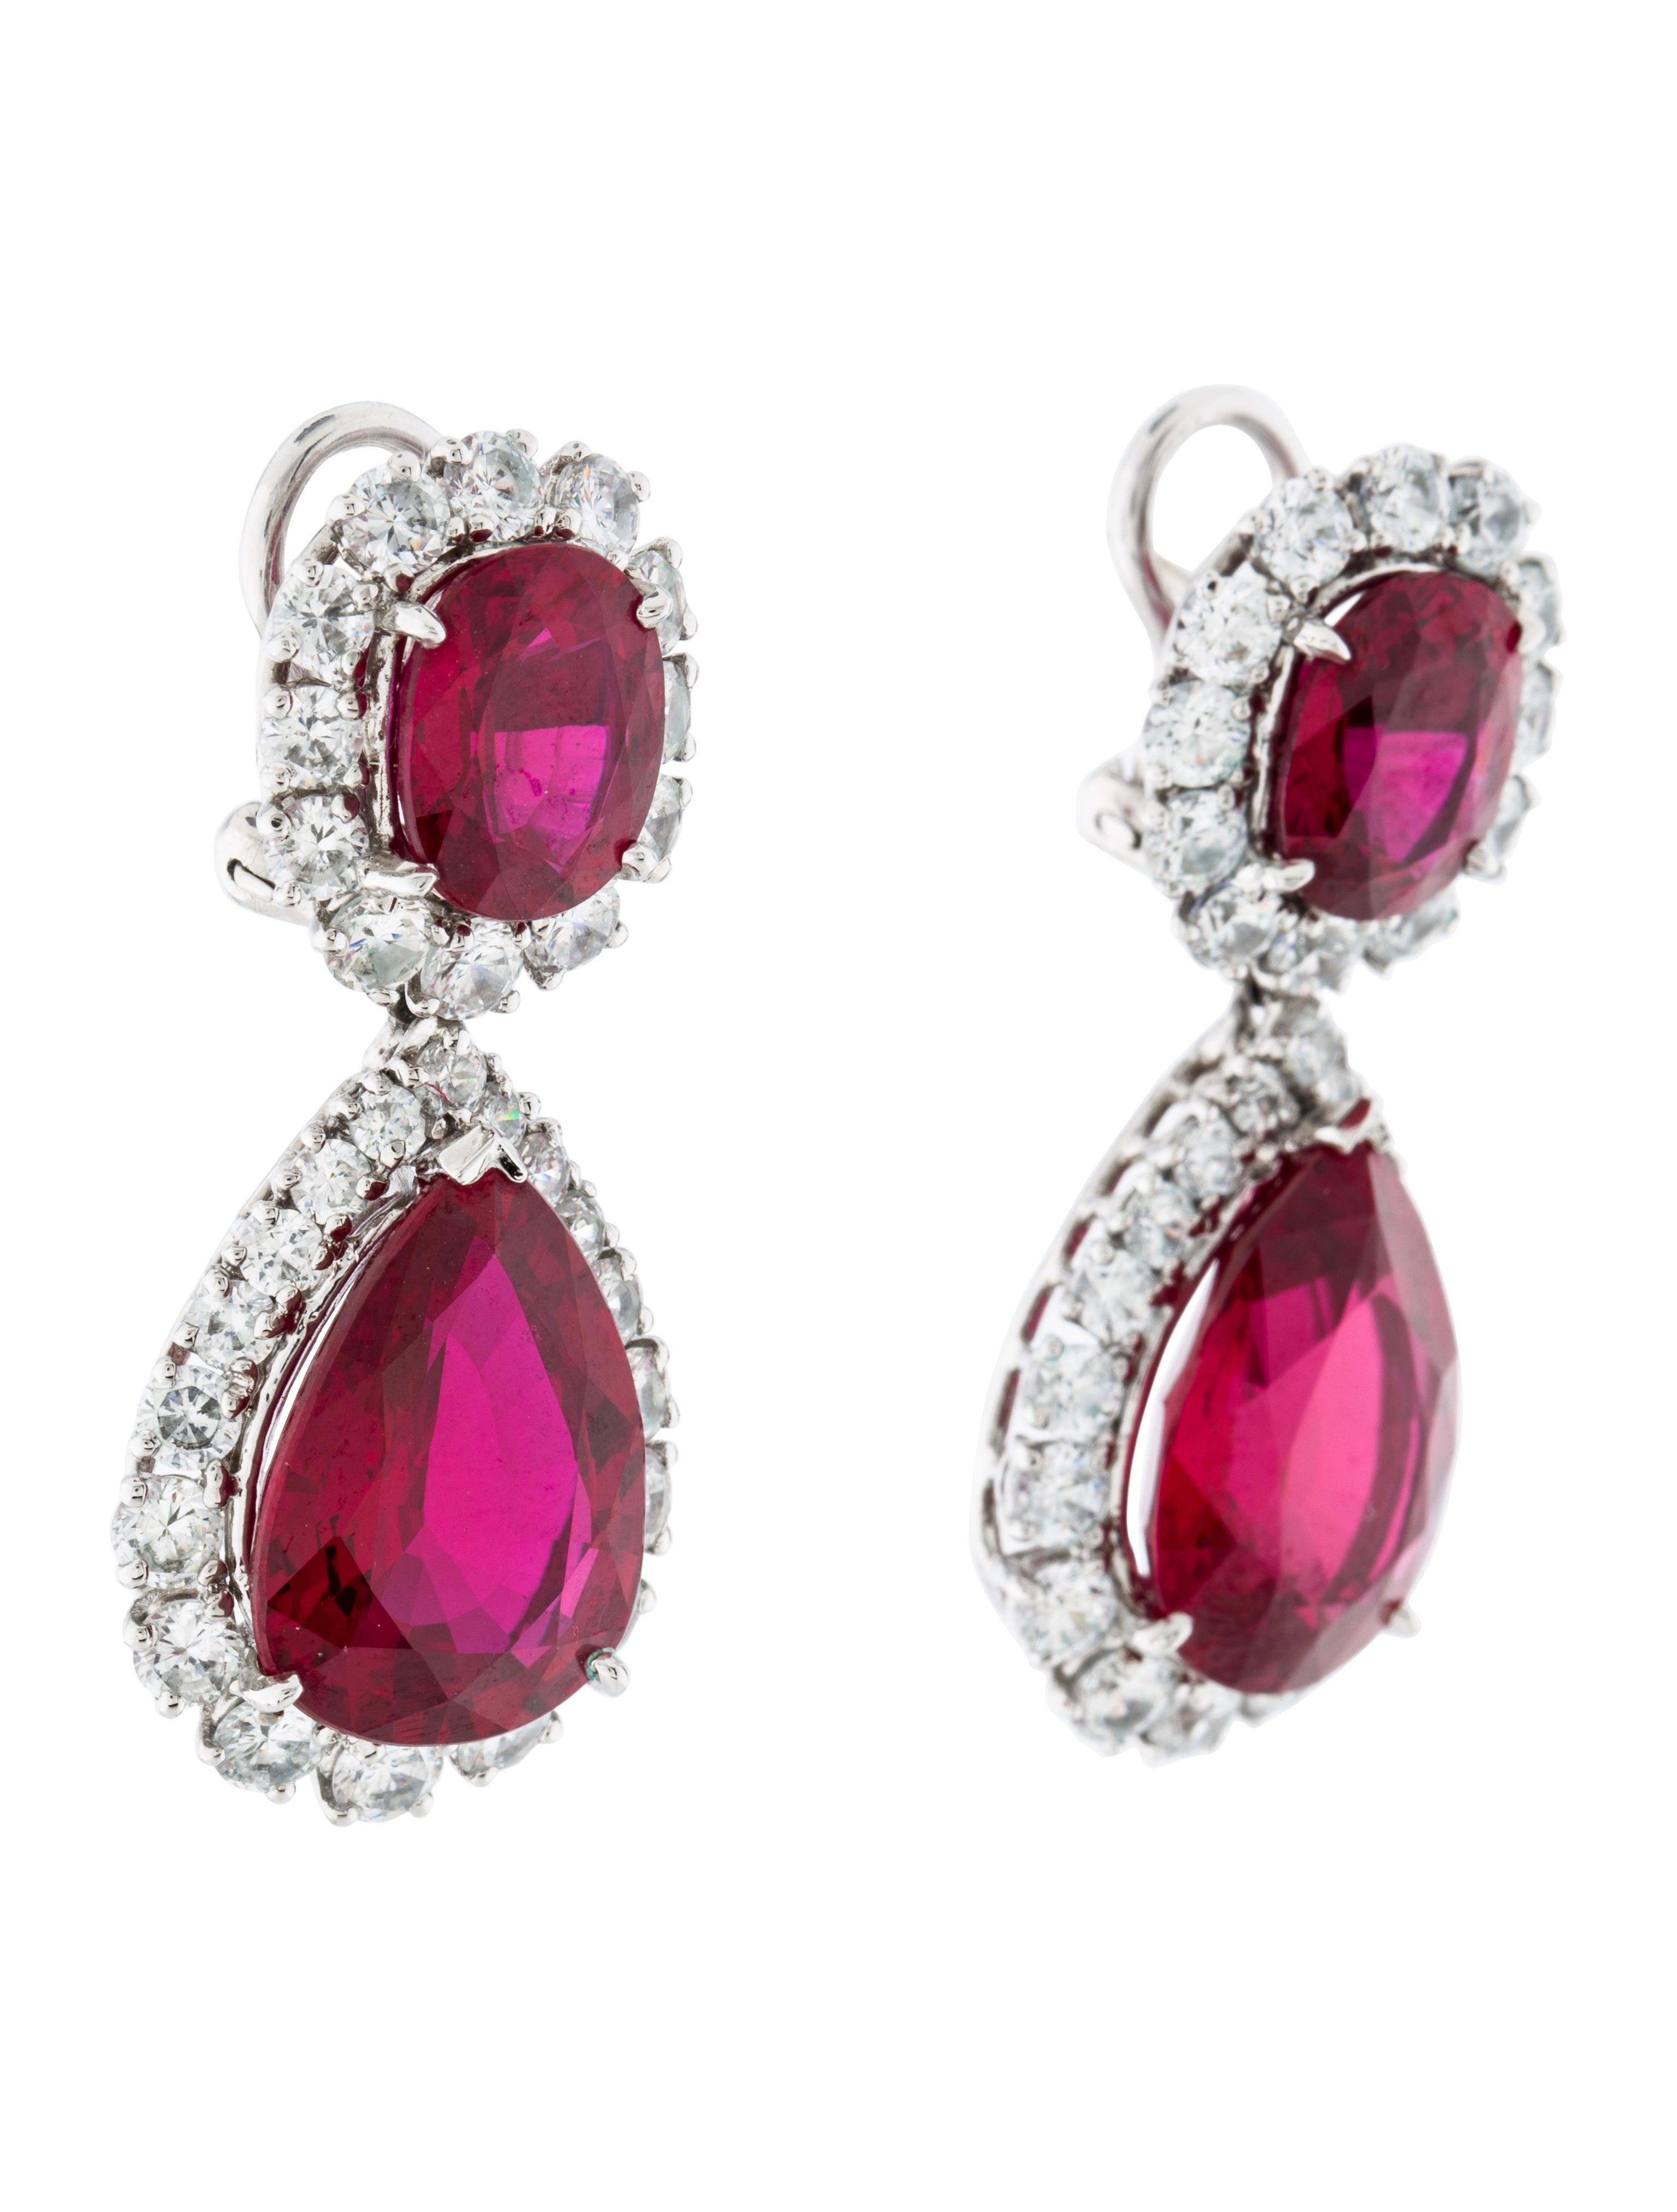 Fantasia By Deserio Synthetic Ruby Earrings Earrings